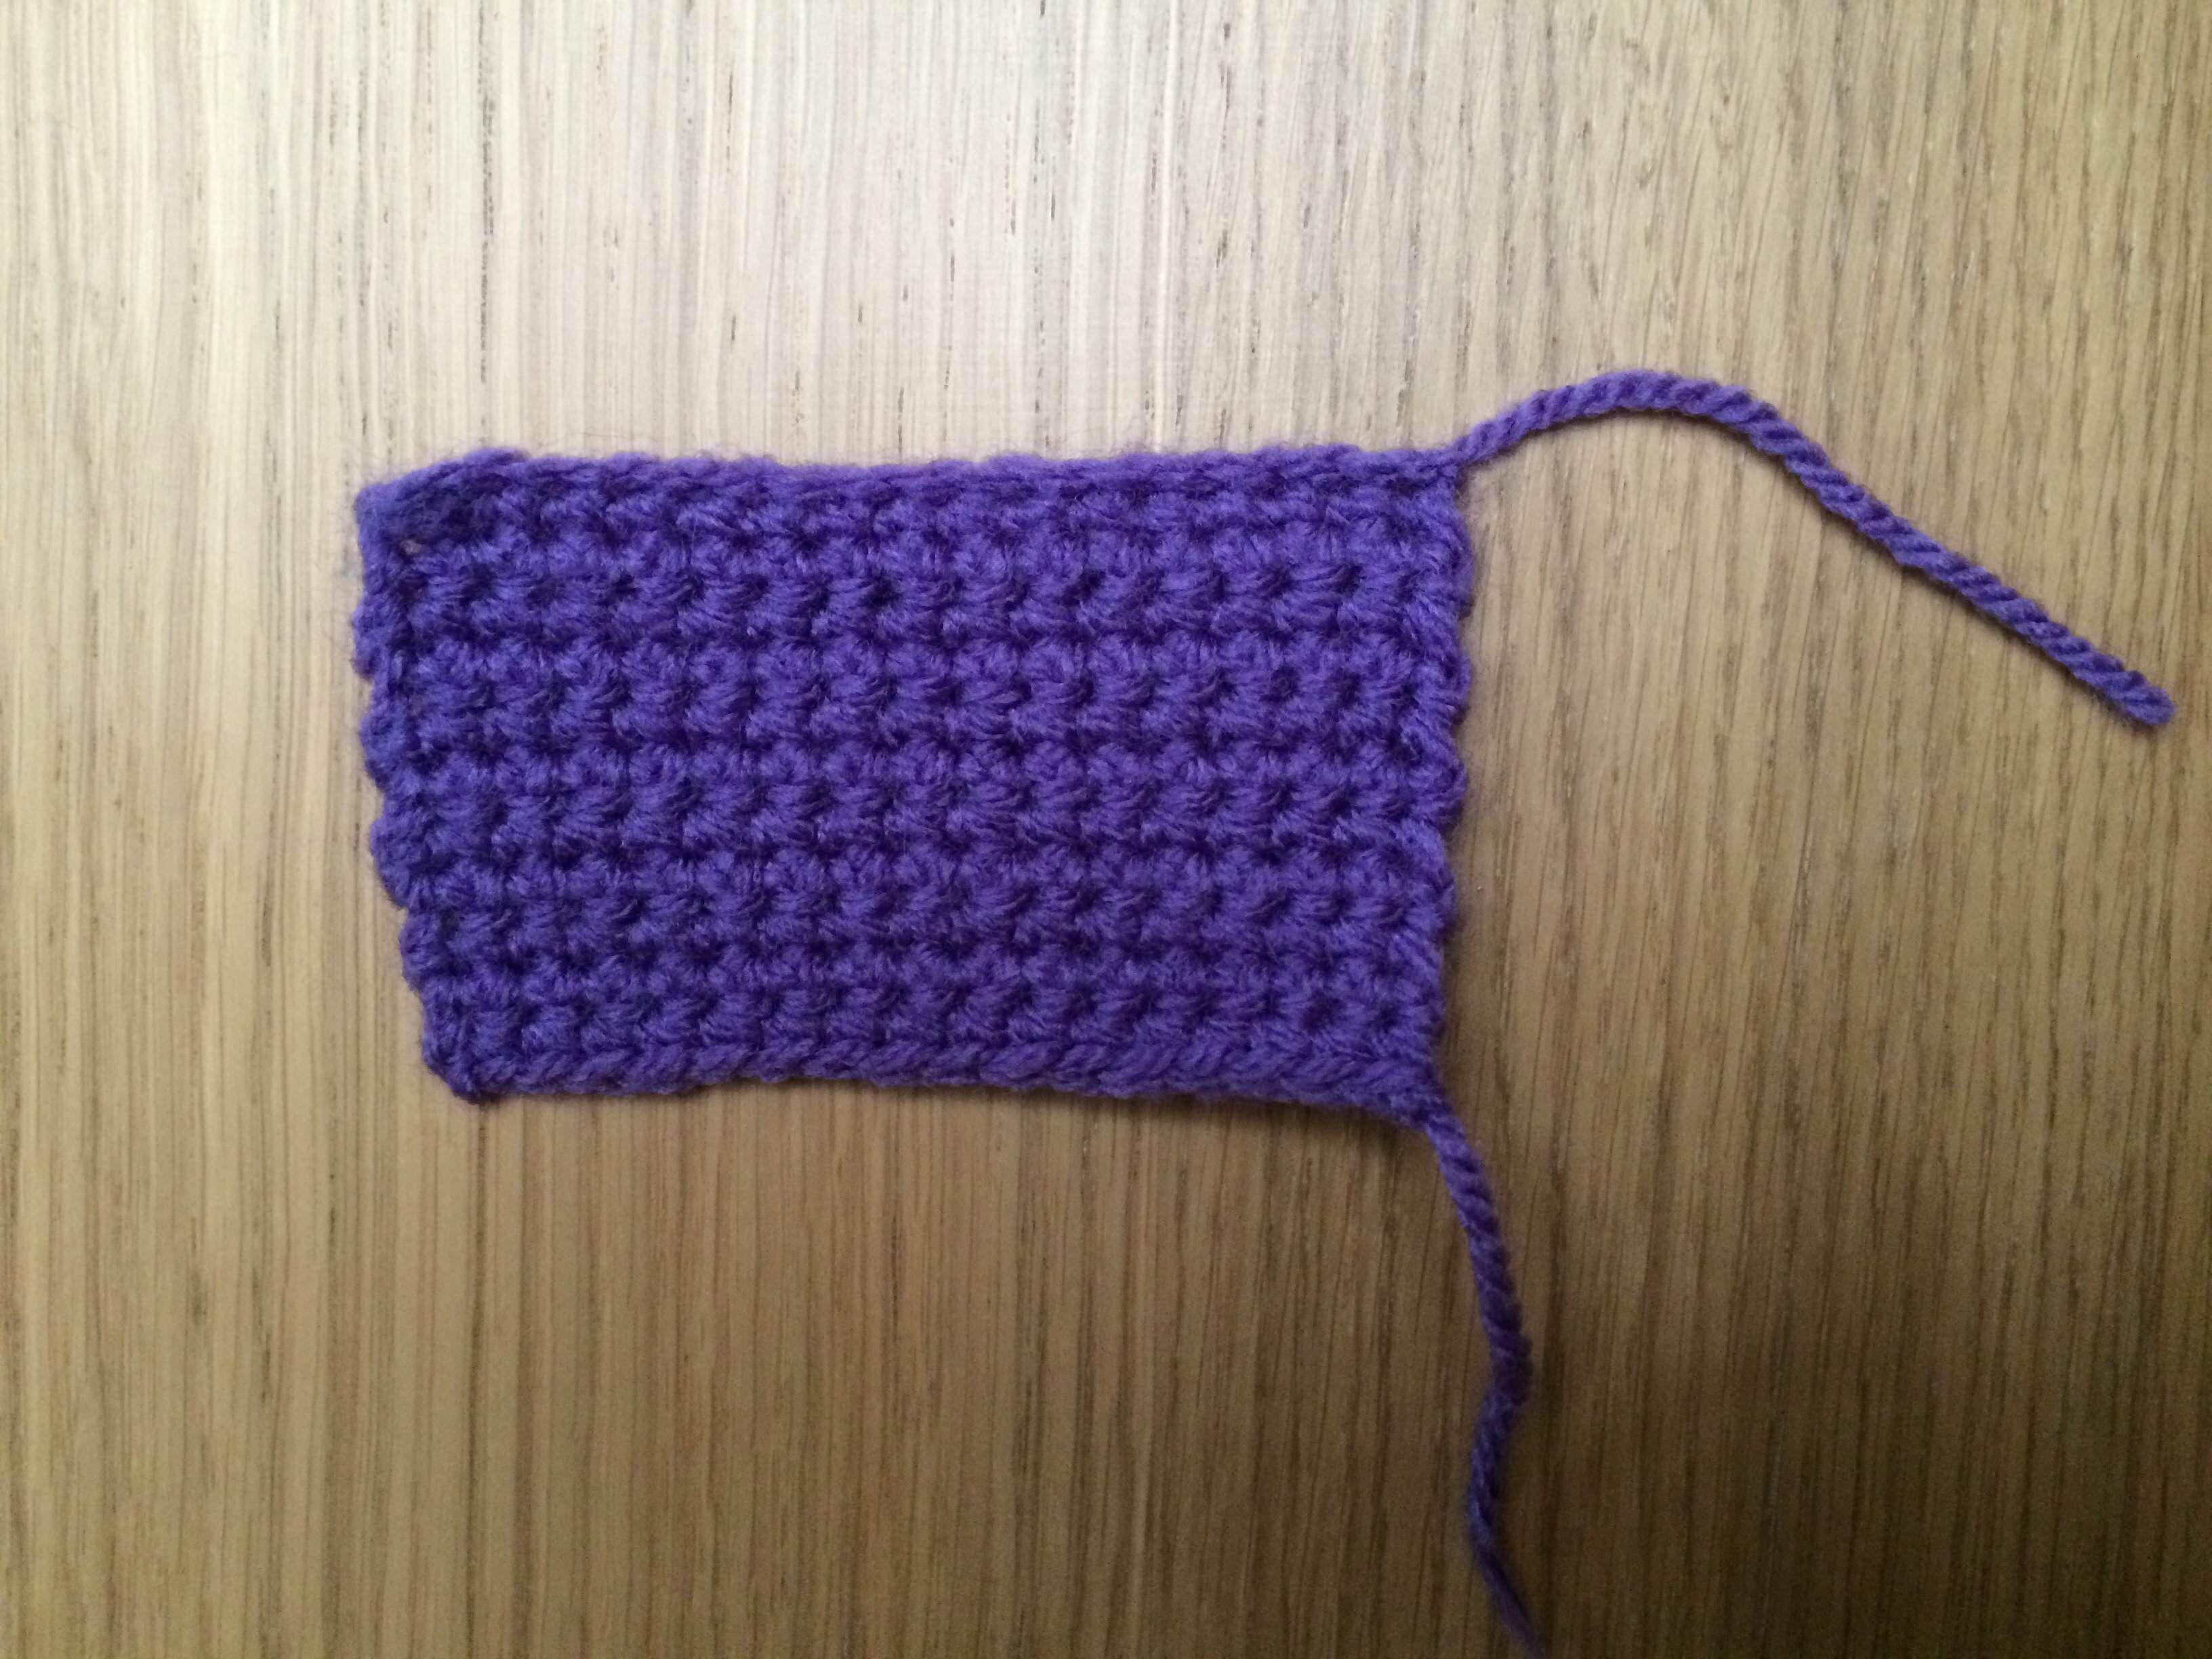 apprendre crocheter article sp cial pour les d butants. Black Bedroom Furniture Sets. Home Design Ideas